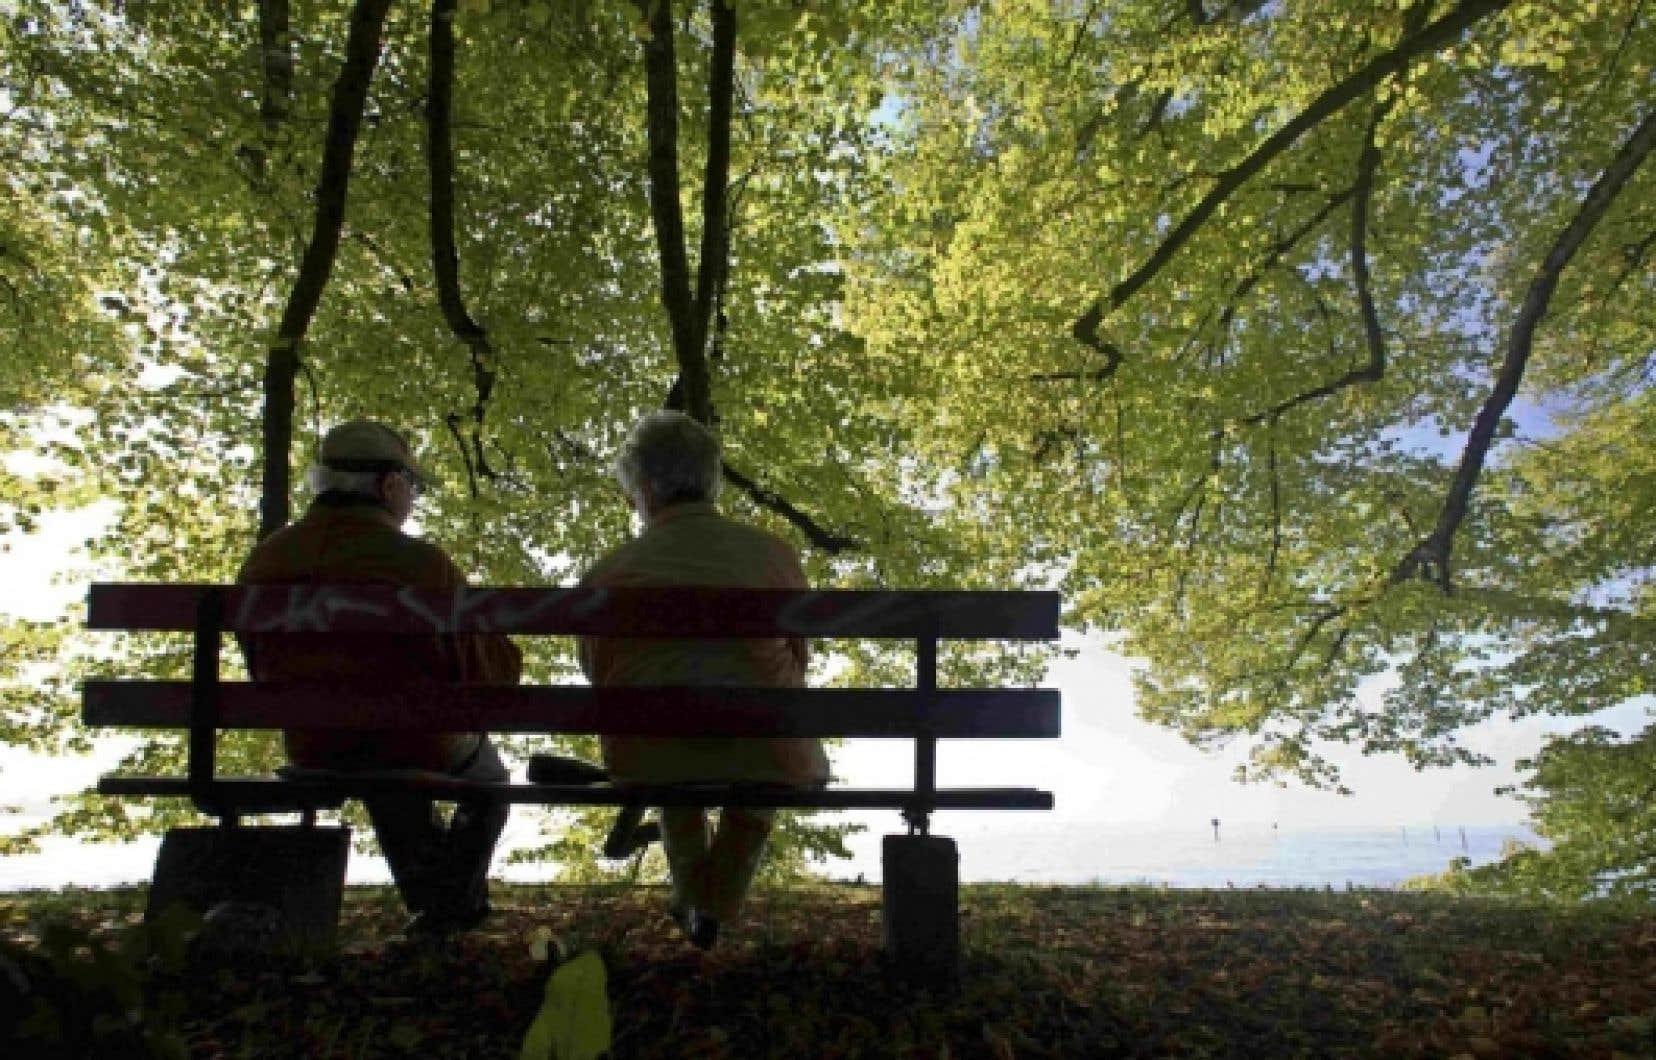 Selon les auteurs, l'amélioration de la sécurité du revenu à la vieillesse est un enjeu sociétal qui requiert la solidarité de l'ensemble des composantes de la société, et pas seulement les travailleurs.<br />